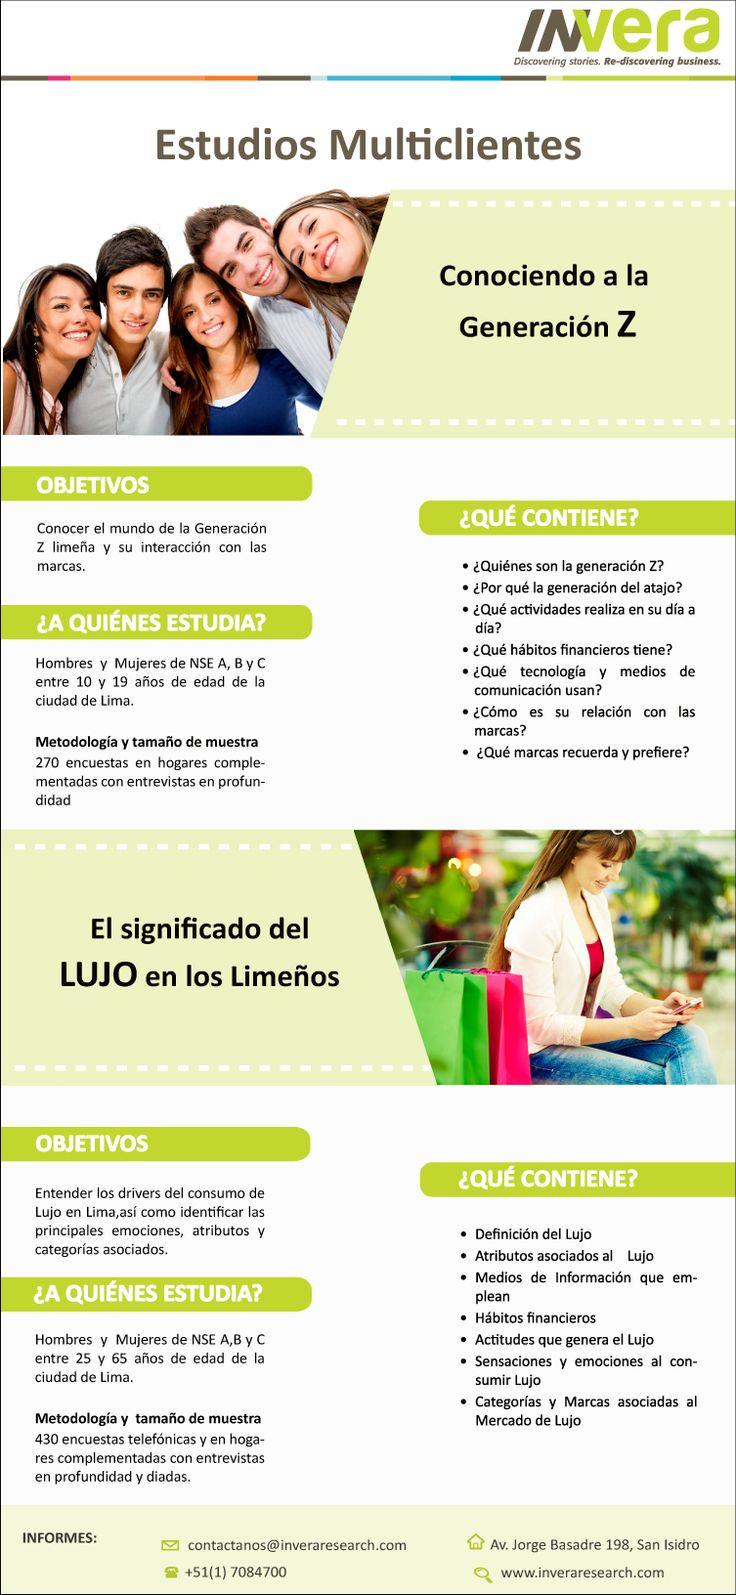 Estudios Multicliente: Conoce a la generación Z y el significado de Lujo en Lima.  CONTACTENOS: email: contactanos@inveraresearch.com telefono: (51)7084700 web: http://www.inveraresearch.com/multiclientes-invera/